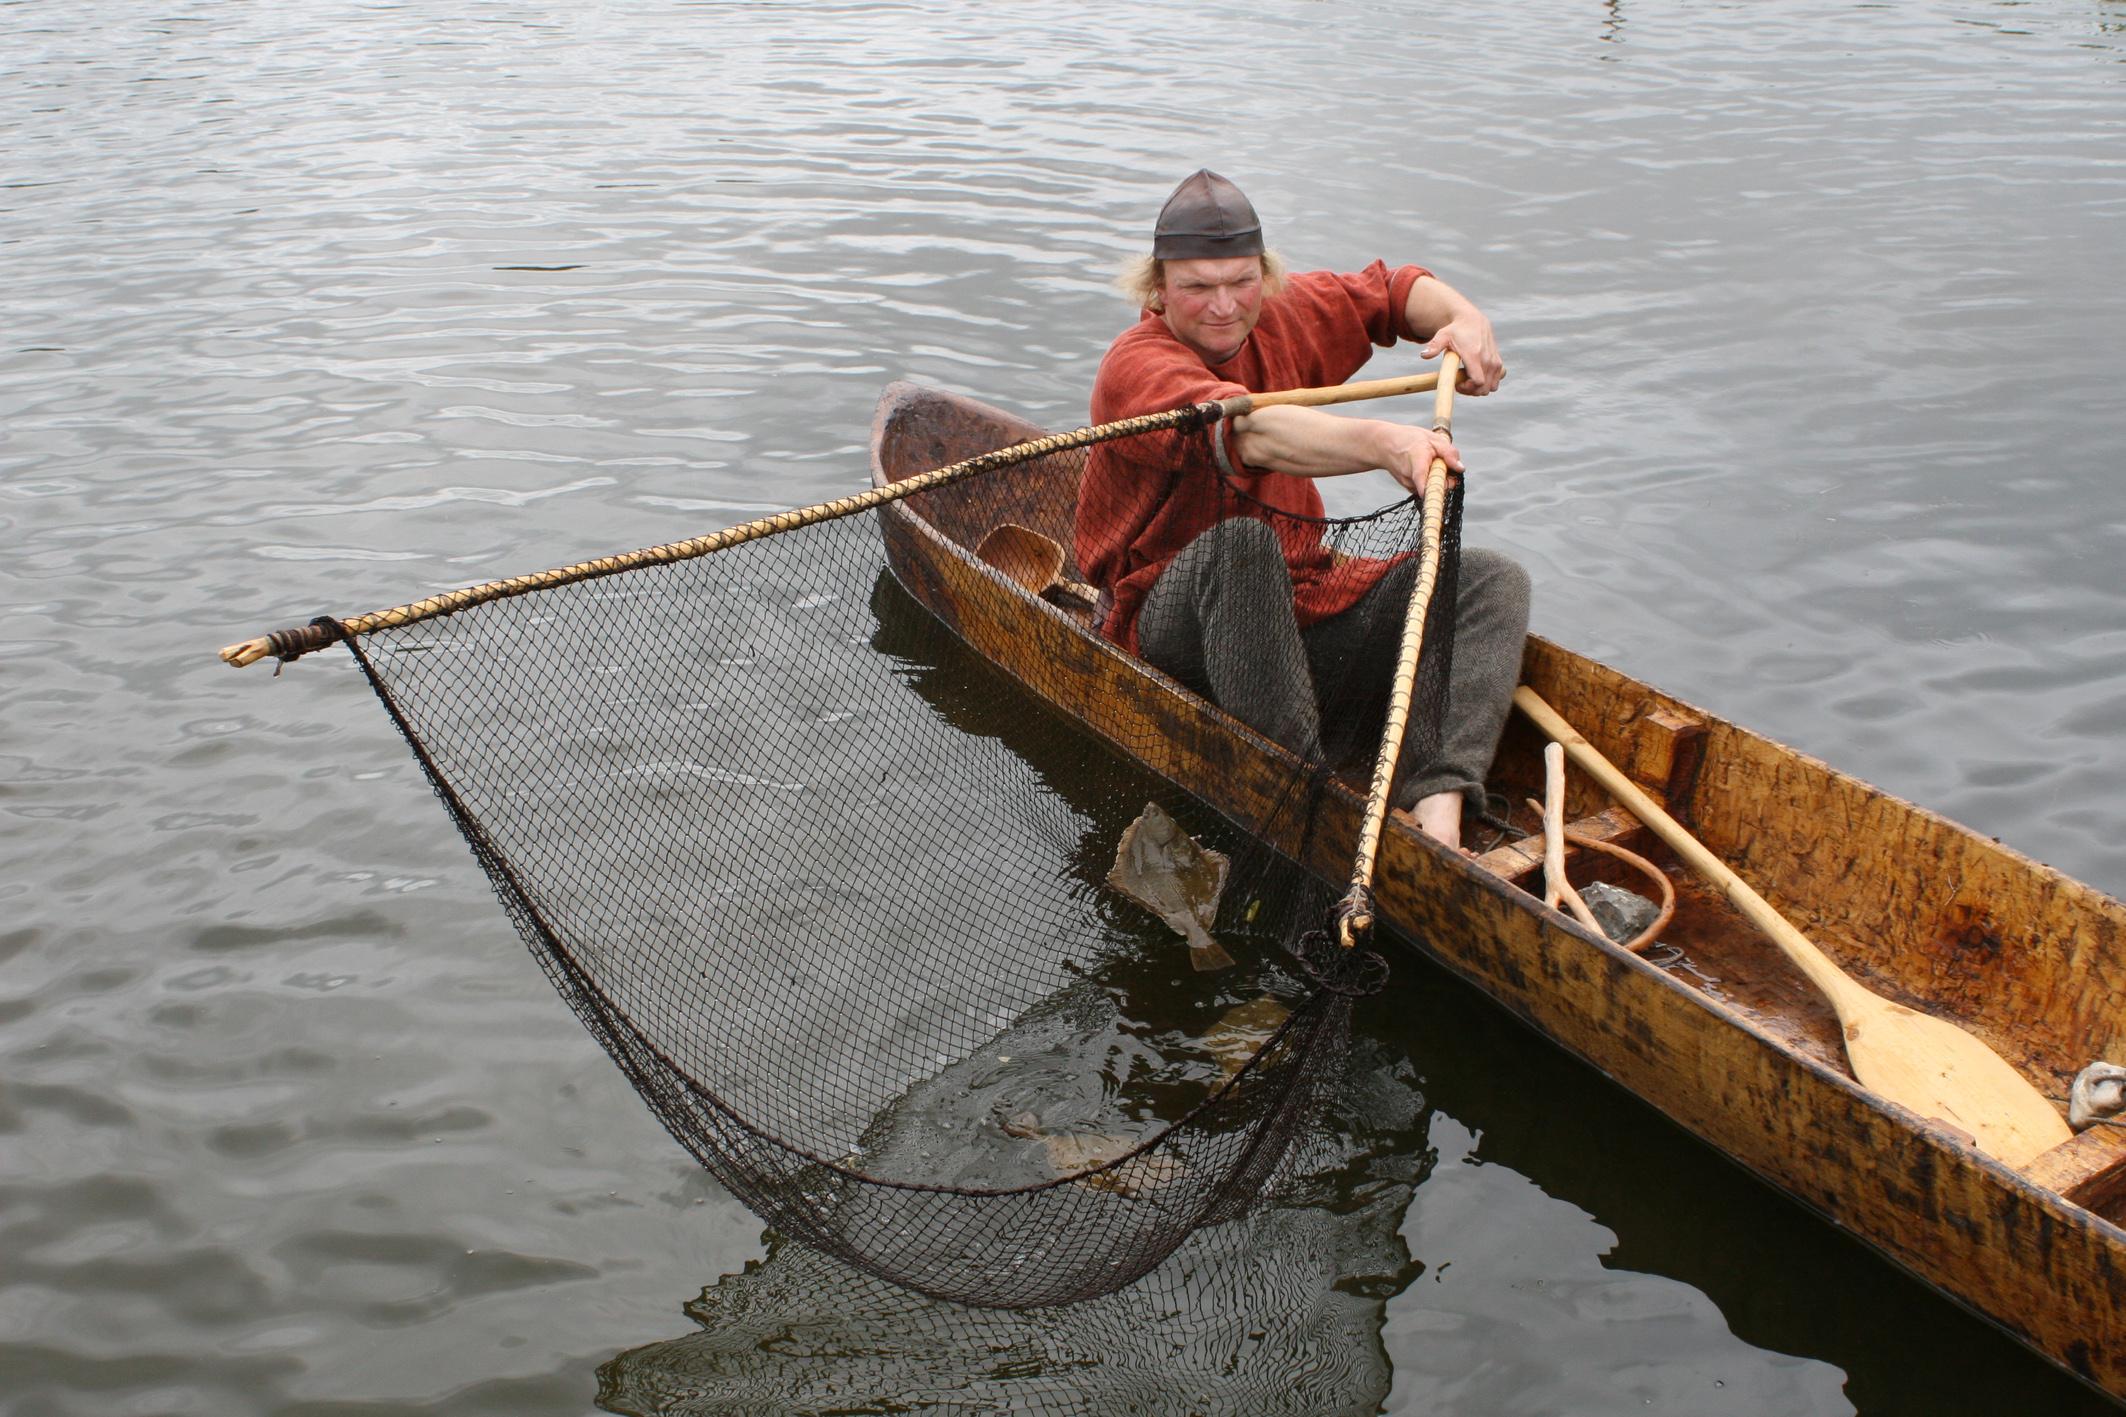 CSMN_Fisch Land Fluss_FotoJoergNadler (LD).jpg